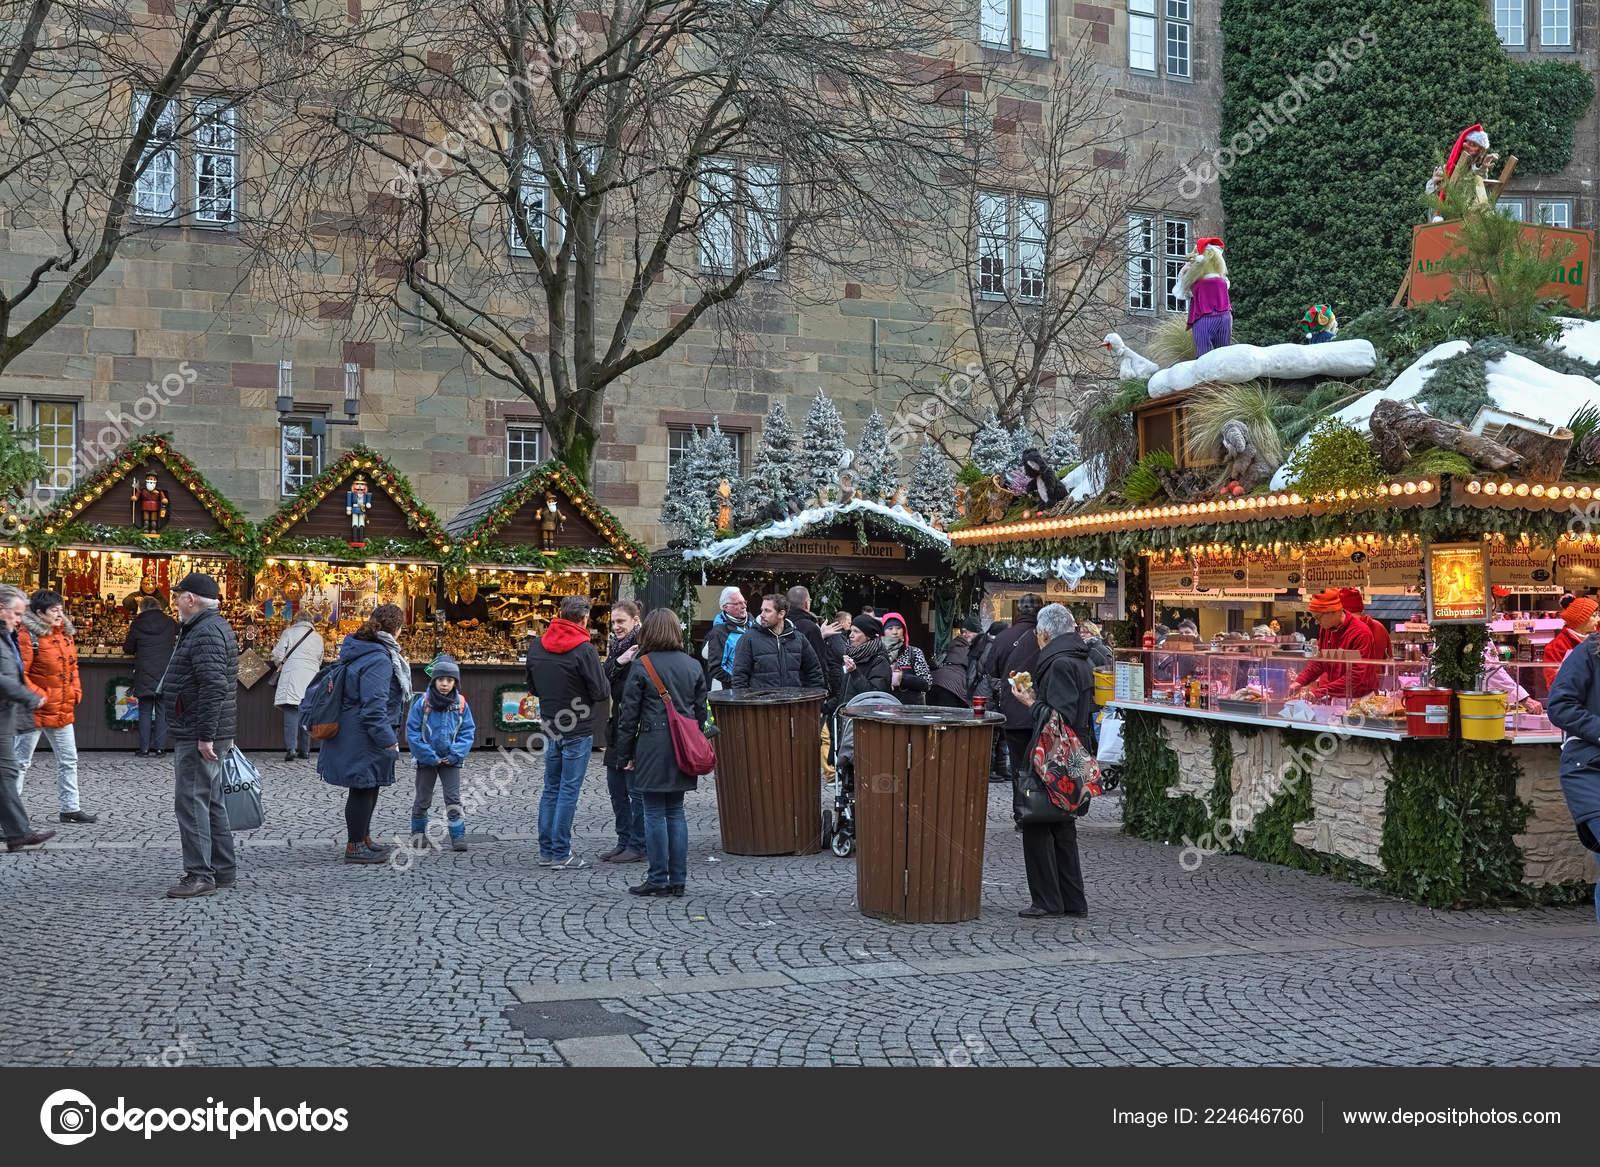 Christmas In Stuttgart Germany.Stuttgart Germany December 2017 Christmas Market